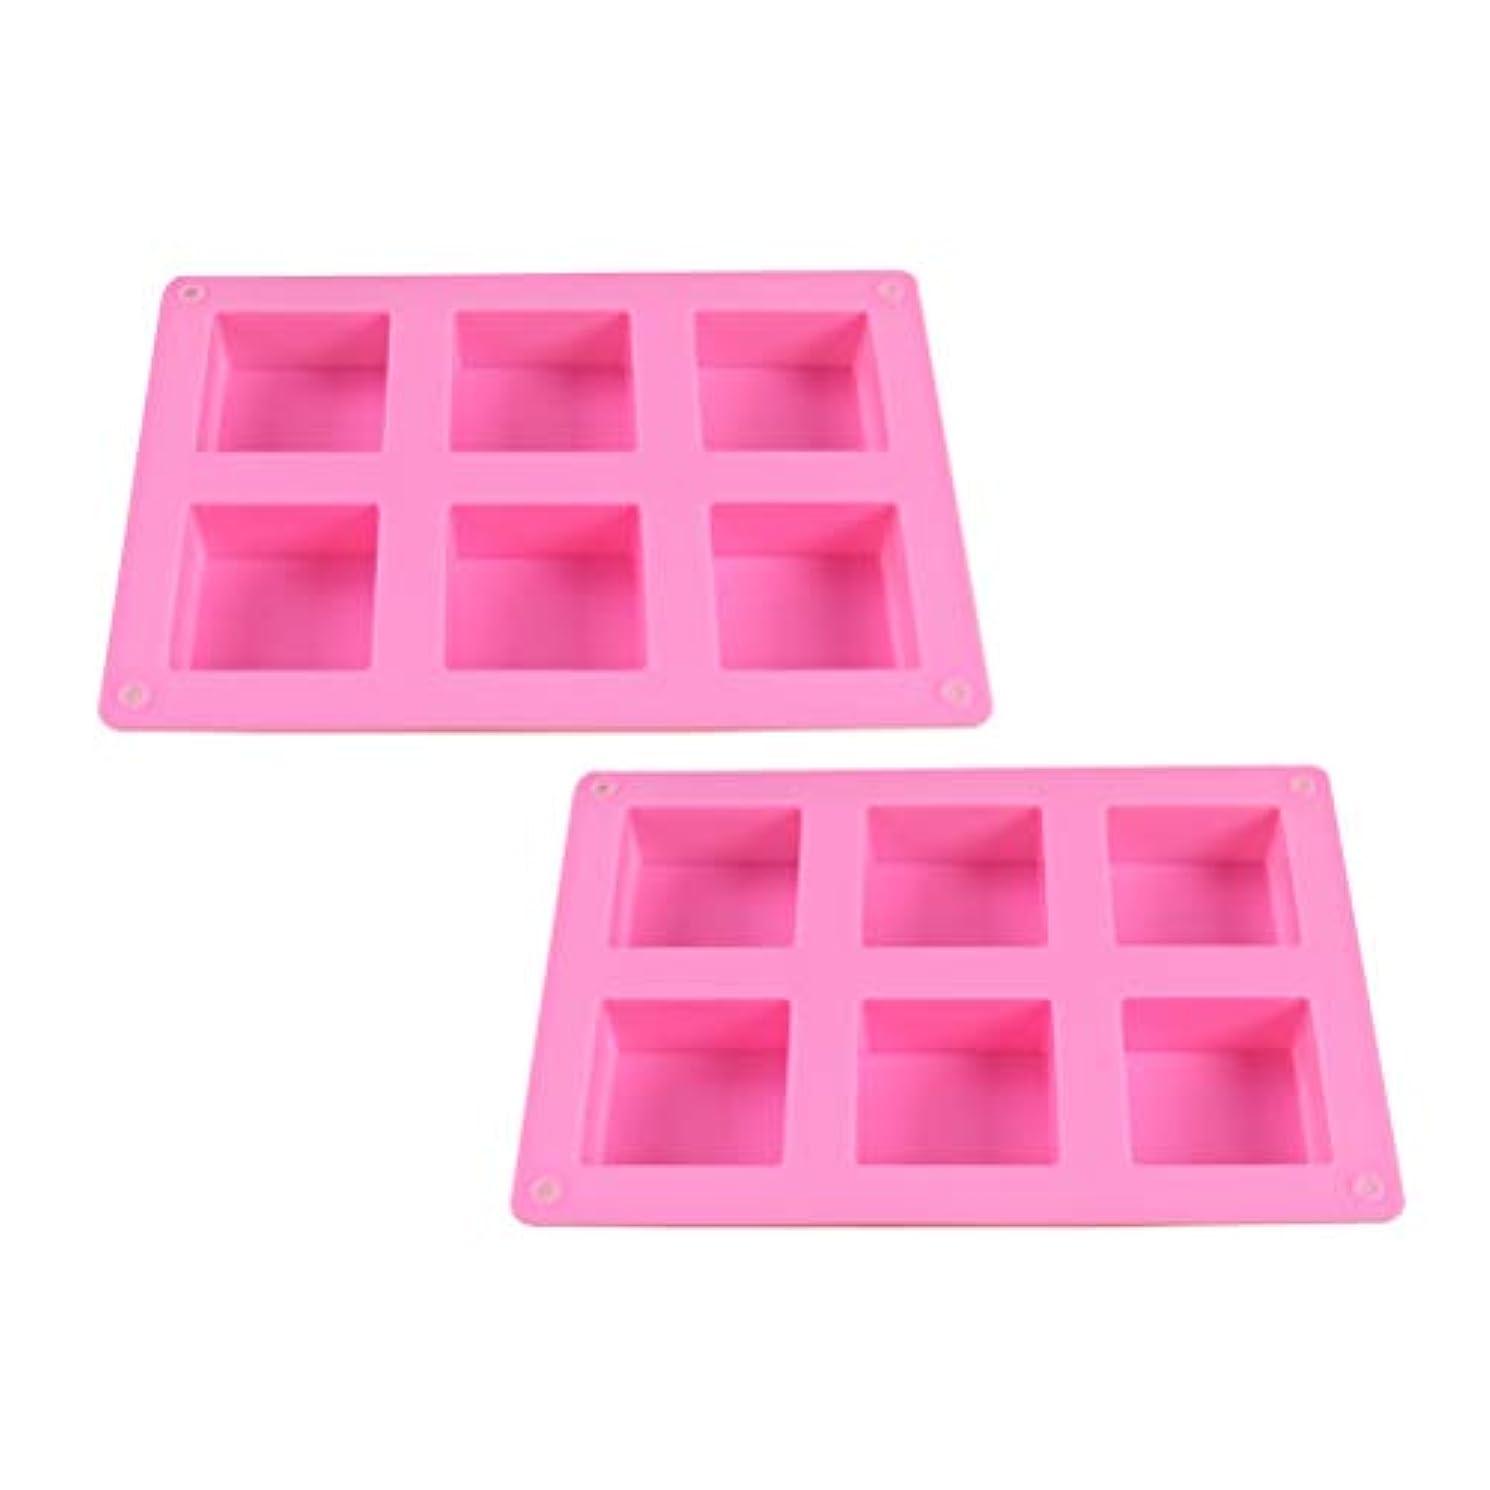 わずかな実際対称HEALIFTY DIYのケーキのベーキング型のための6つのキャビティシリコーンの石鹸型との石鹸作りのための2PCS石鹸型